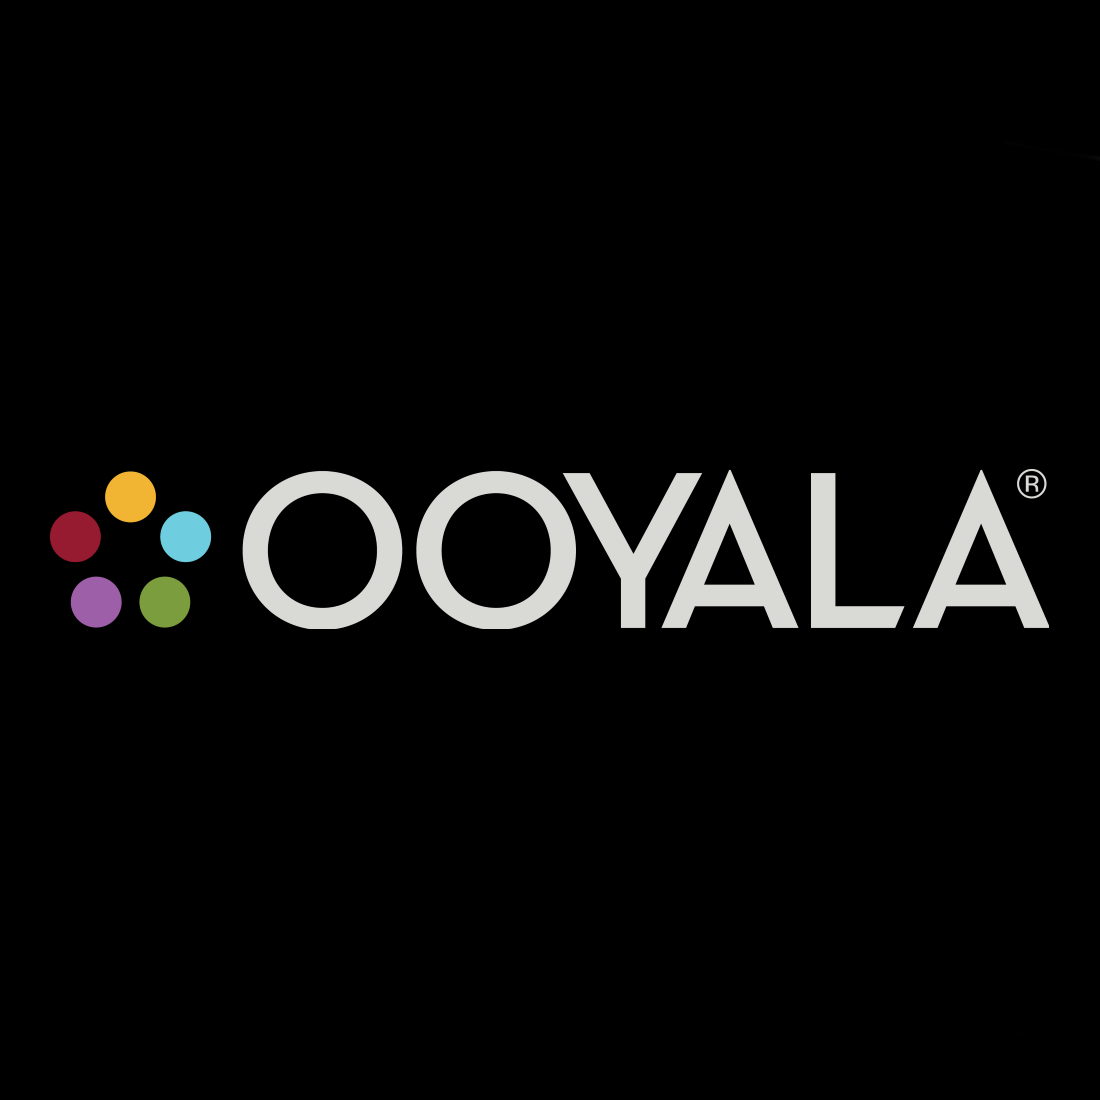 Ooyala - Mobile Marketing